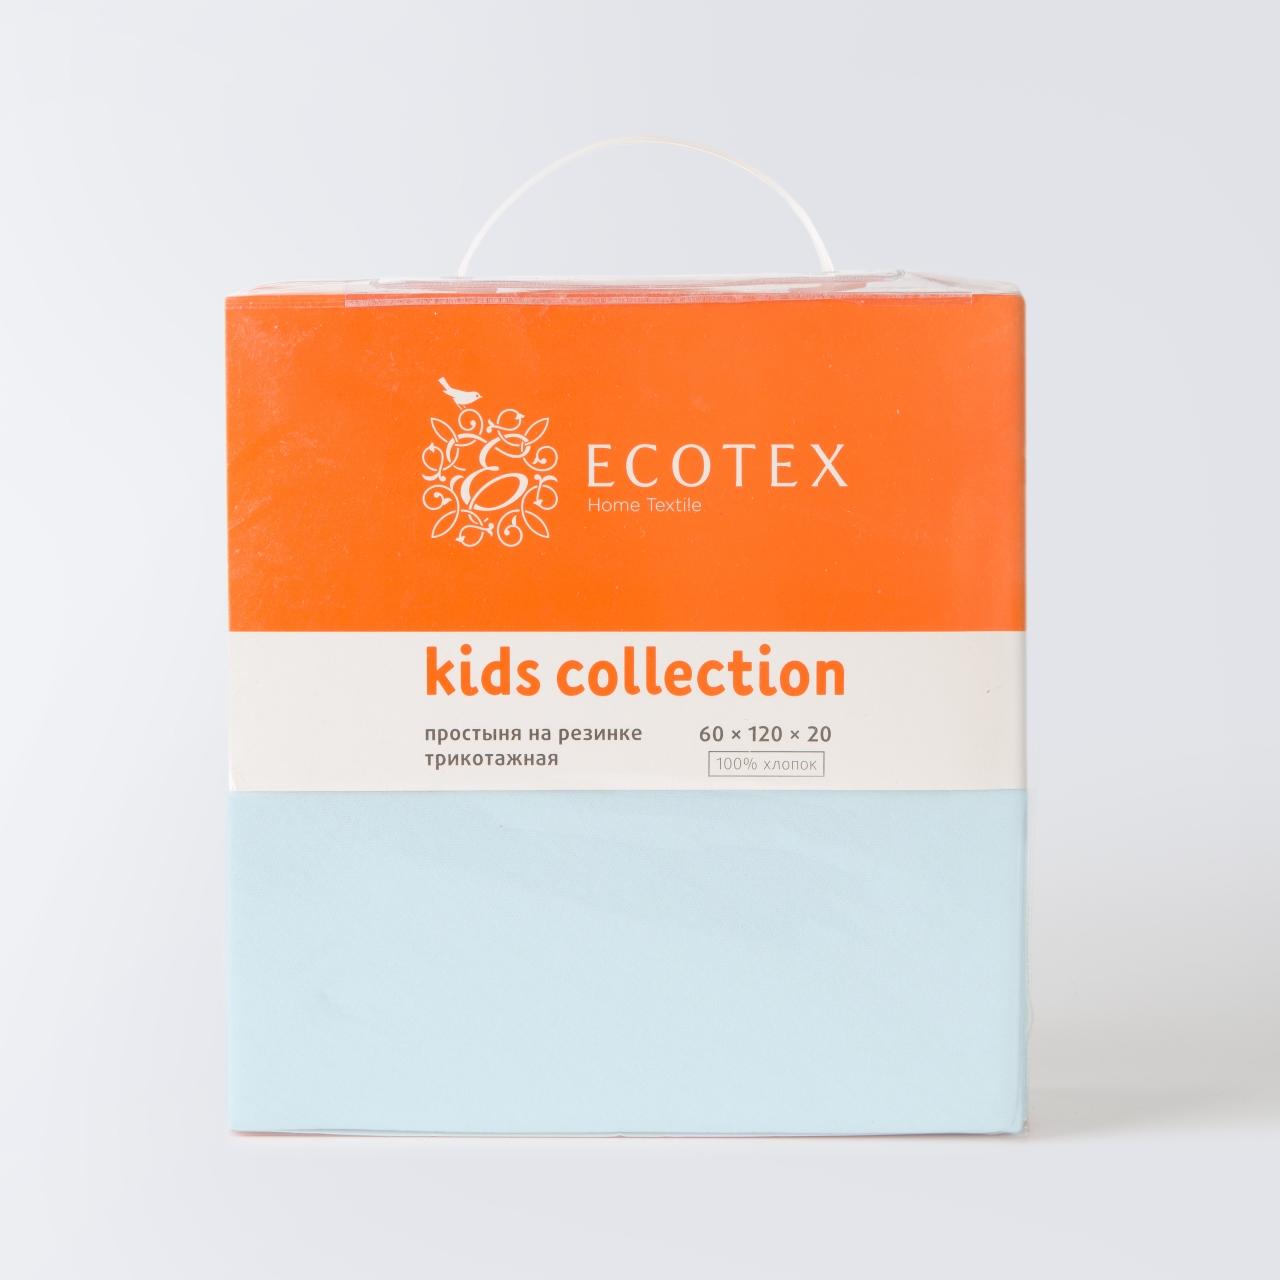 Детская Простыня На Резинке Ecotex Трикотажная Голубая